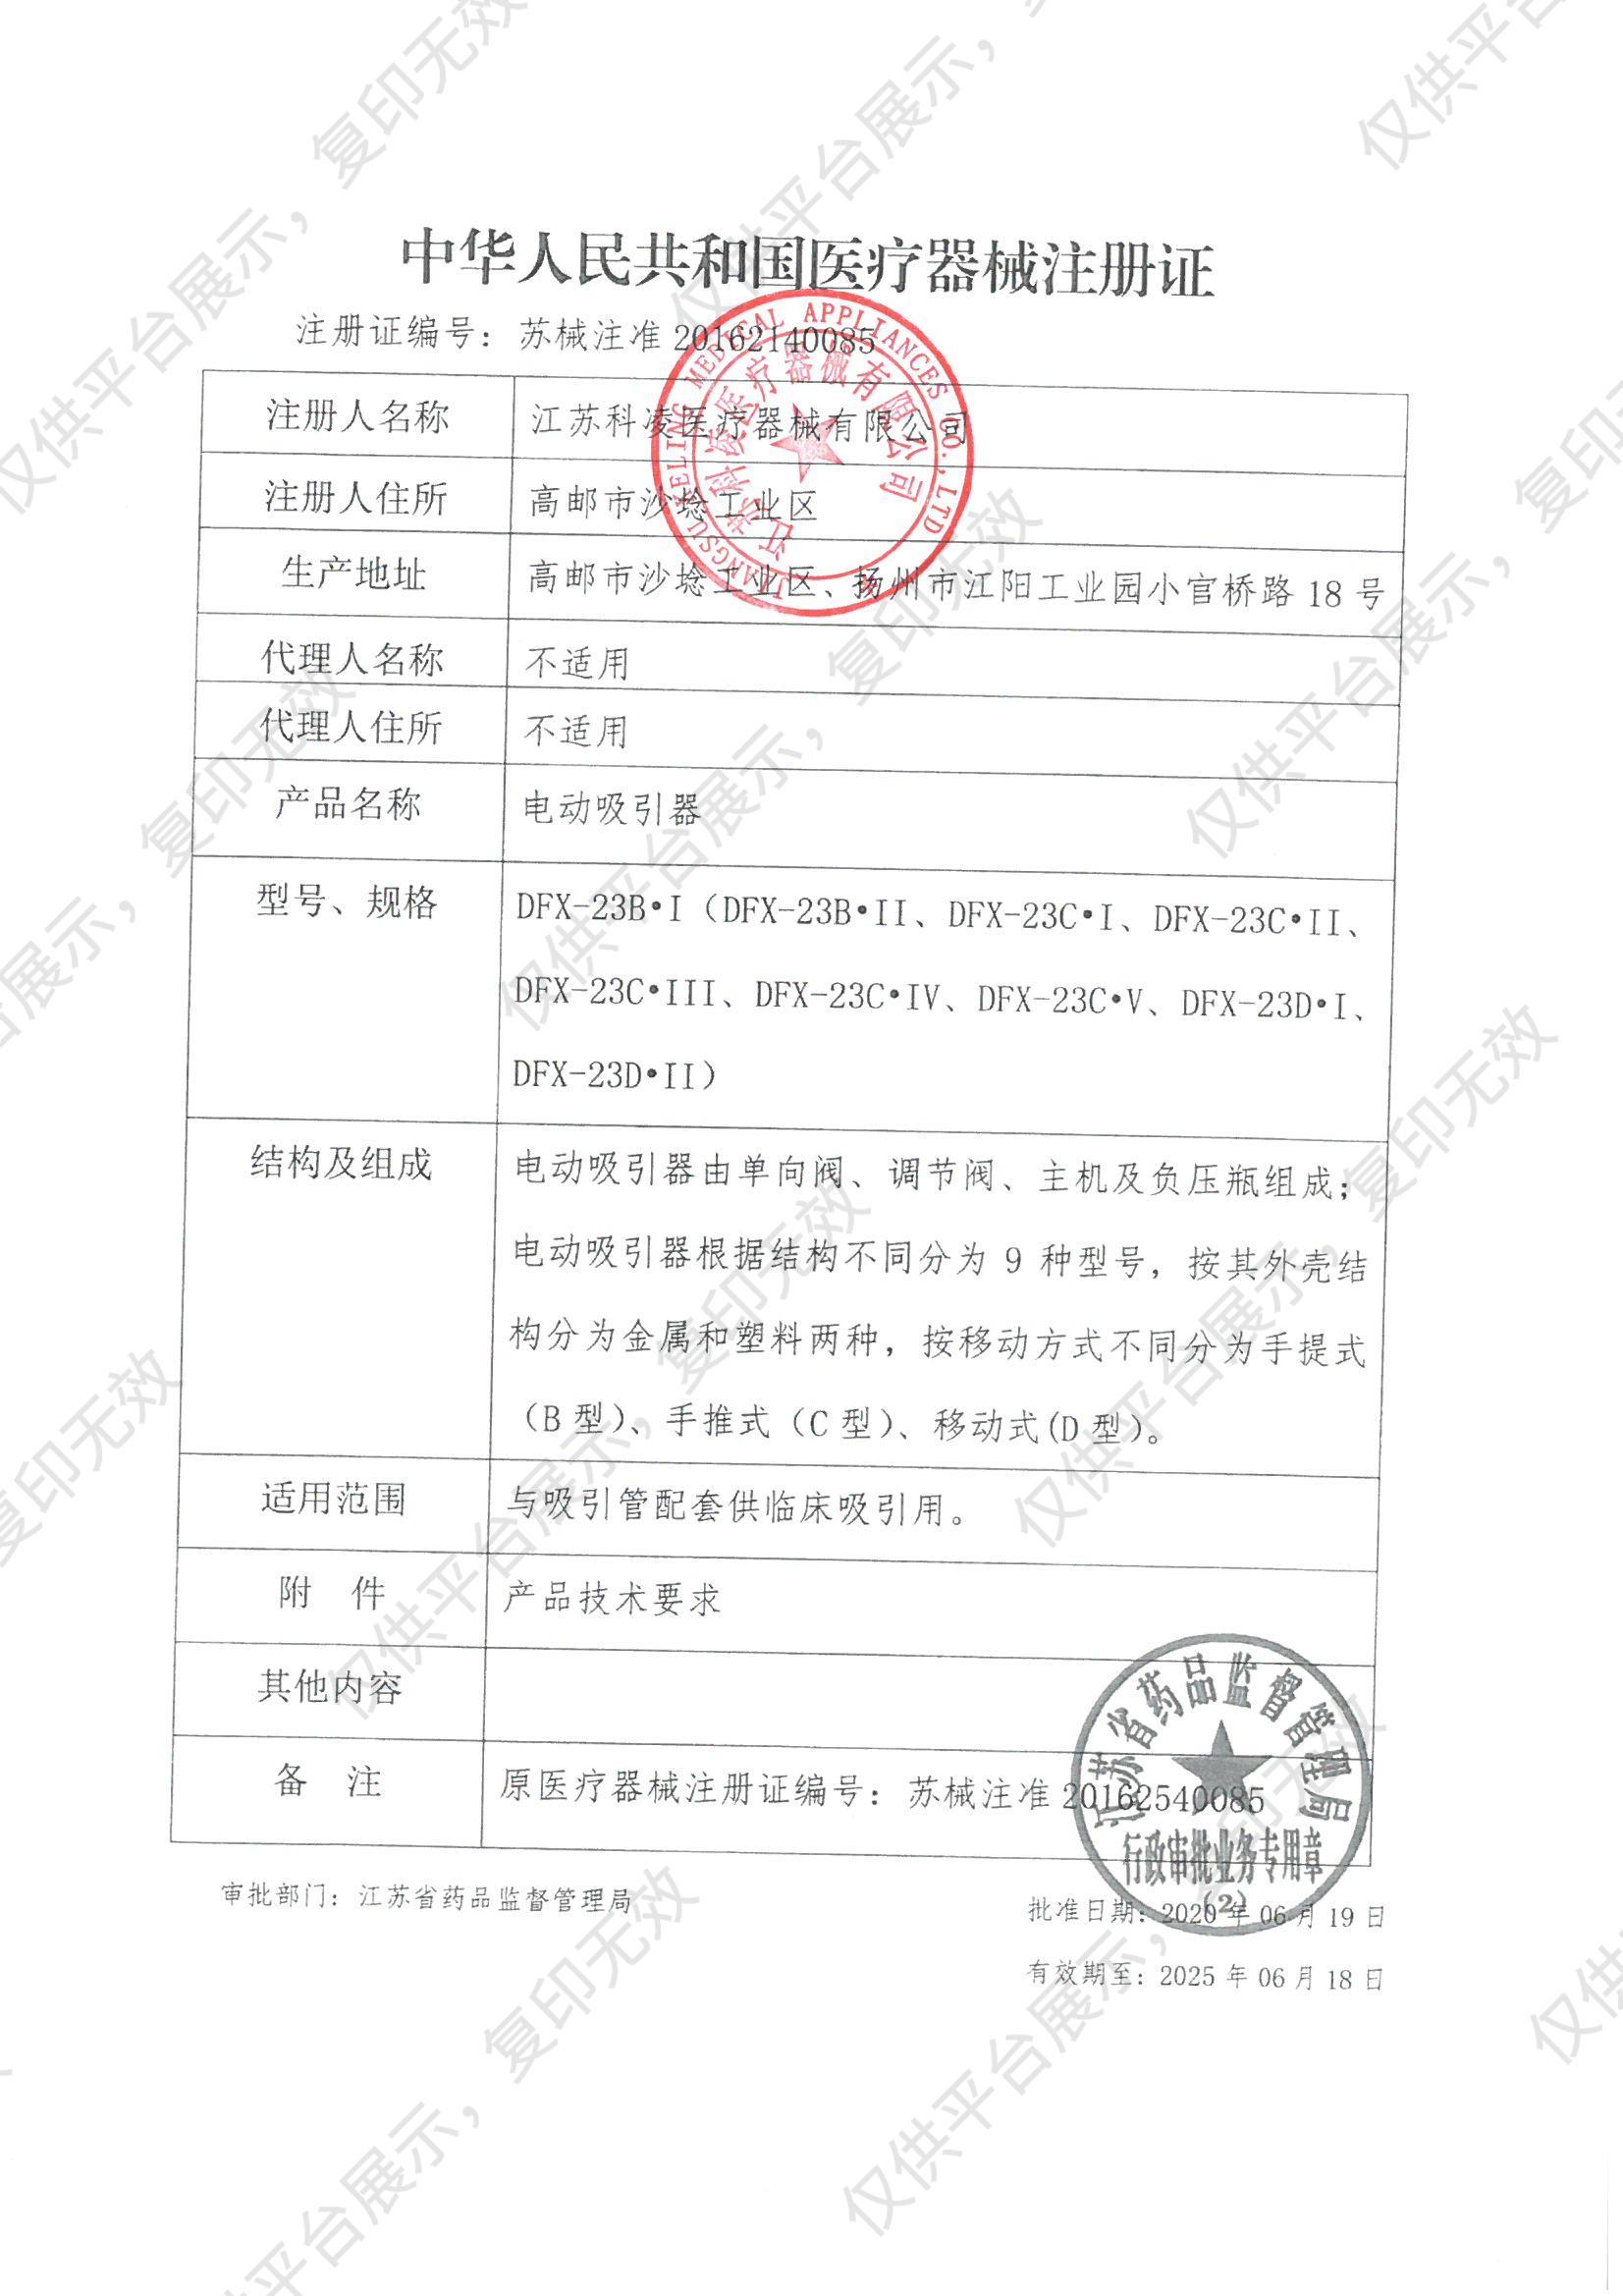 科凌KeLing 电动吸引器 DFX-23C·V注册证